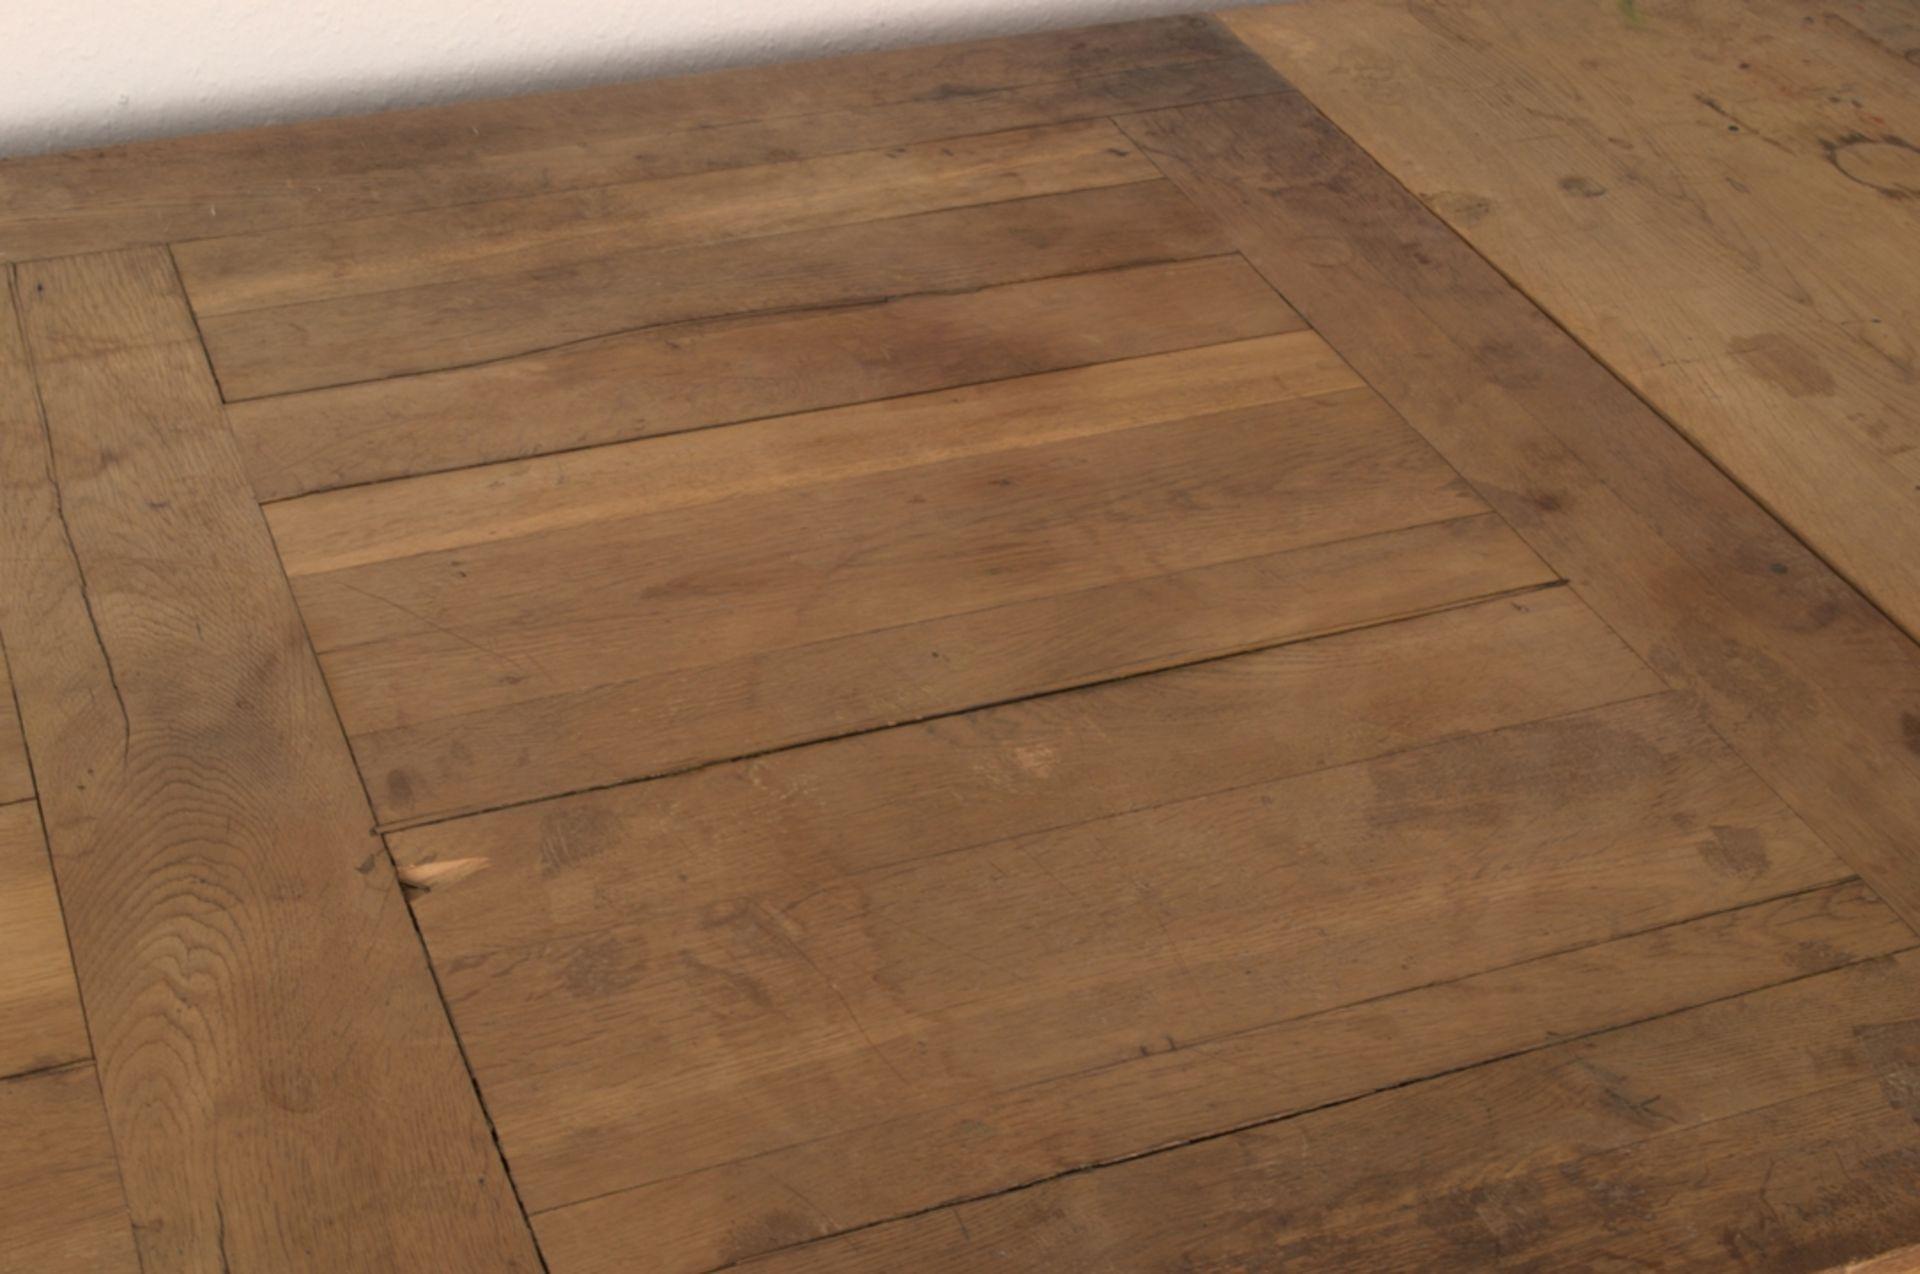 Großer Auszugstisch, Franken um 1730/50. Querverstrebter Tischunterbau mit kräftigen Balusterbeinen, - Bild 28 aus 36